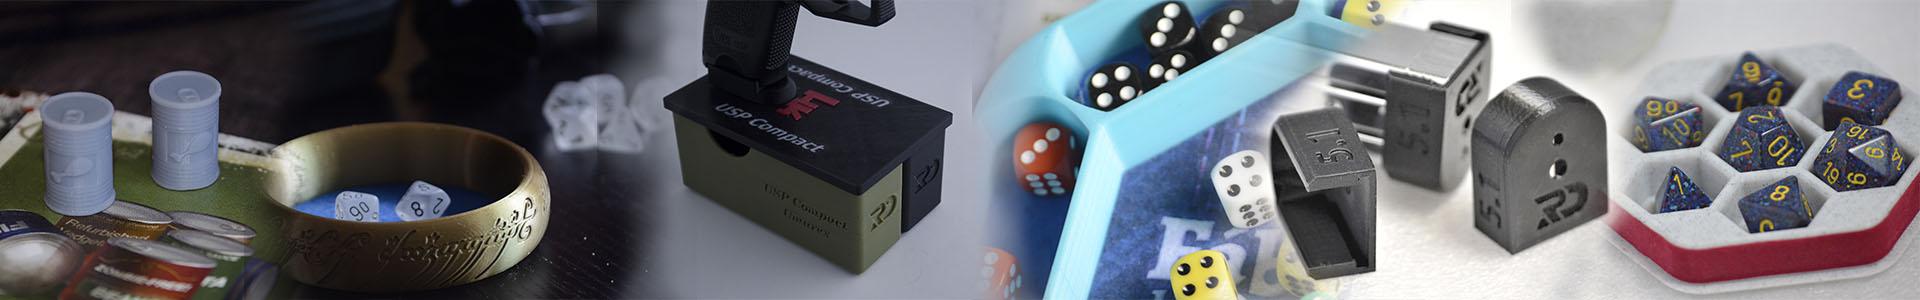 Banner de Presentación de productos realizados en 3D